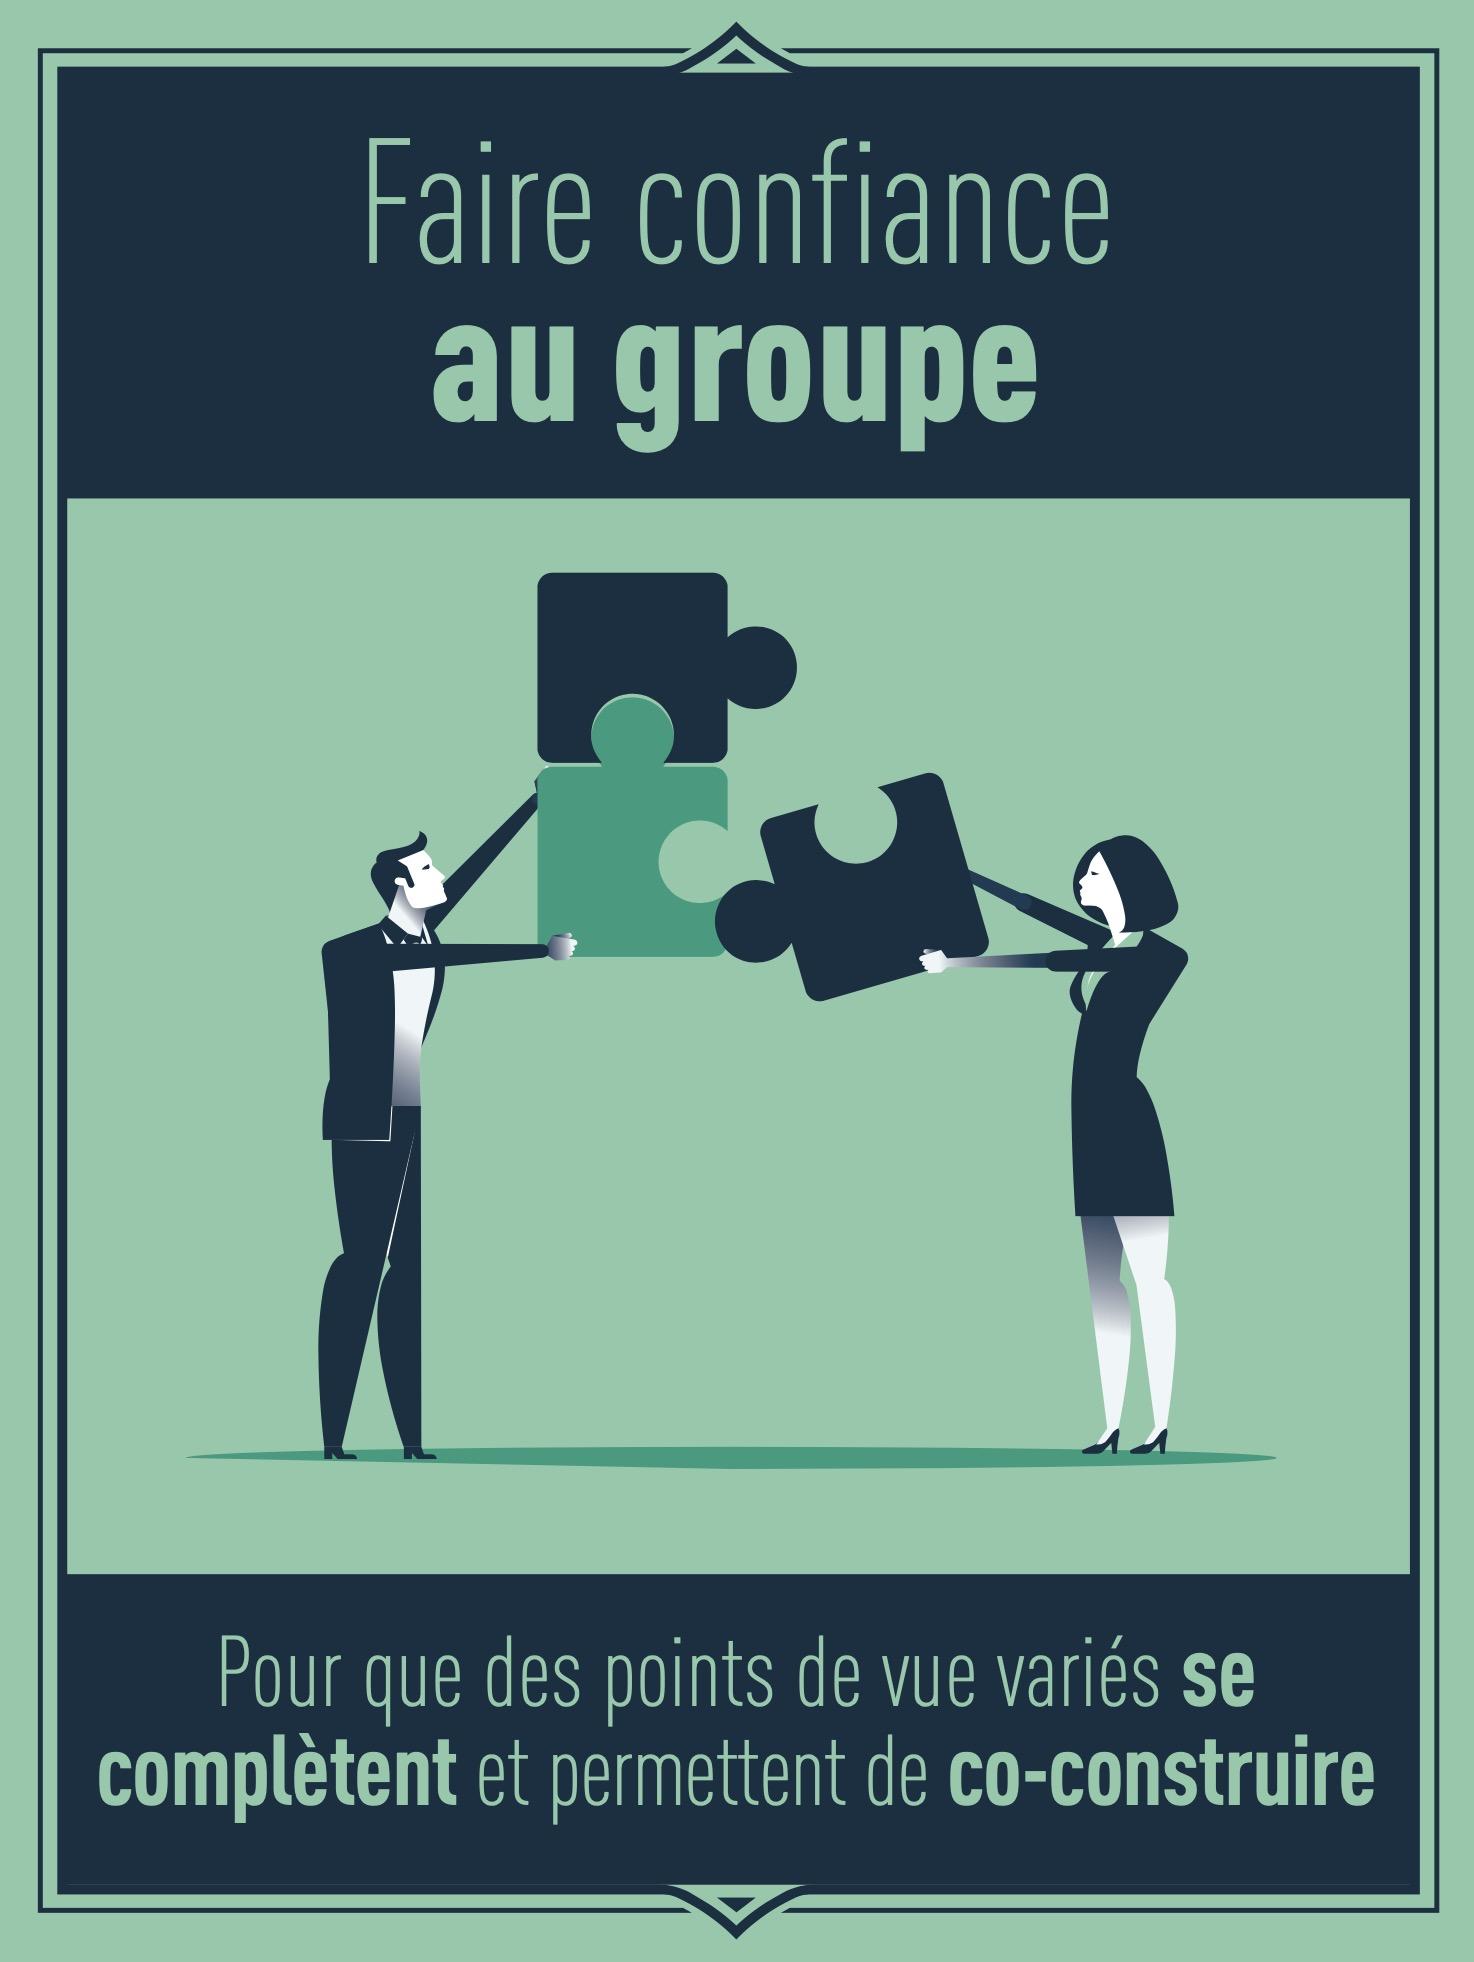 Faire confiance au groupe : pour que des points de vue variés se complètent et permettent de co-construire